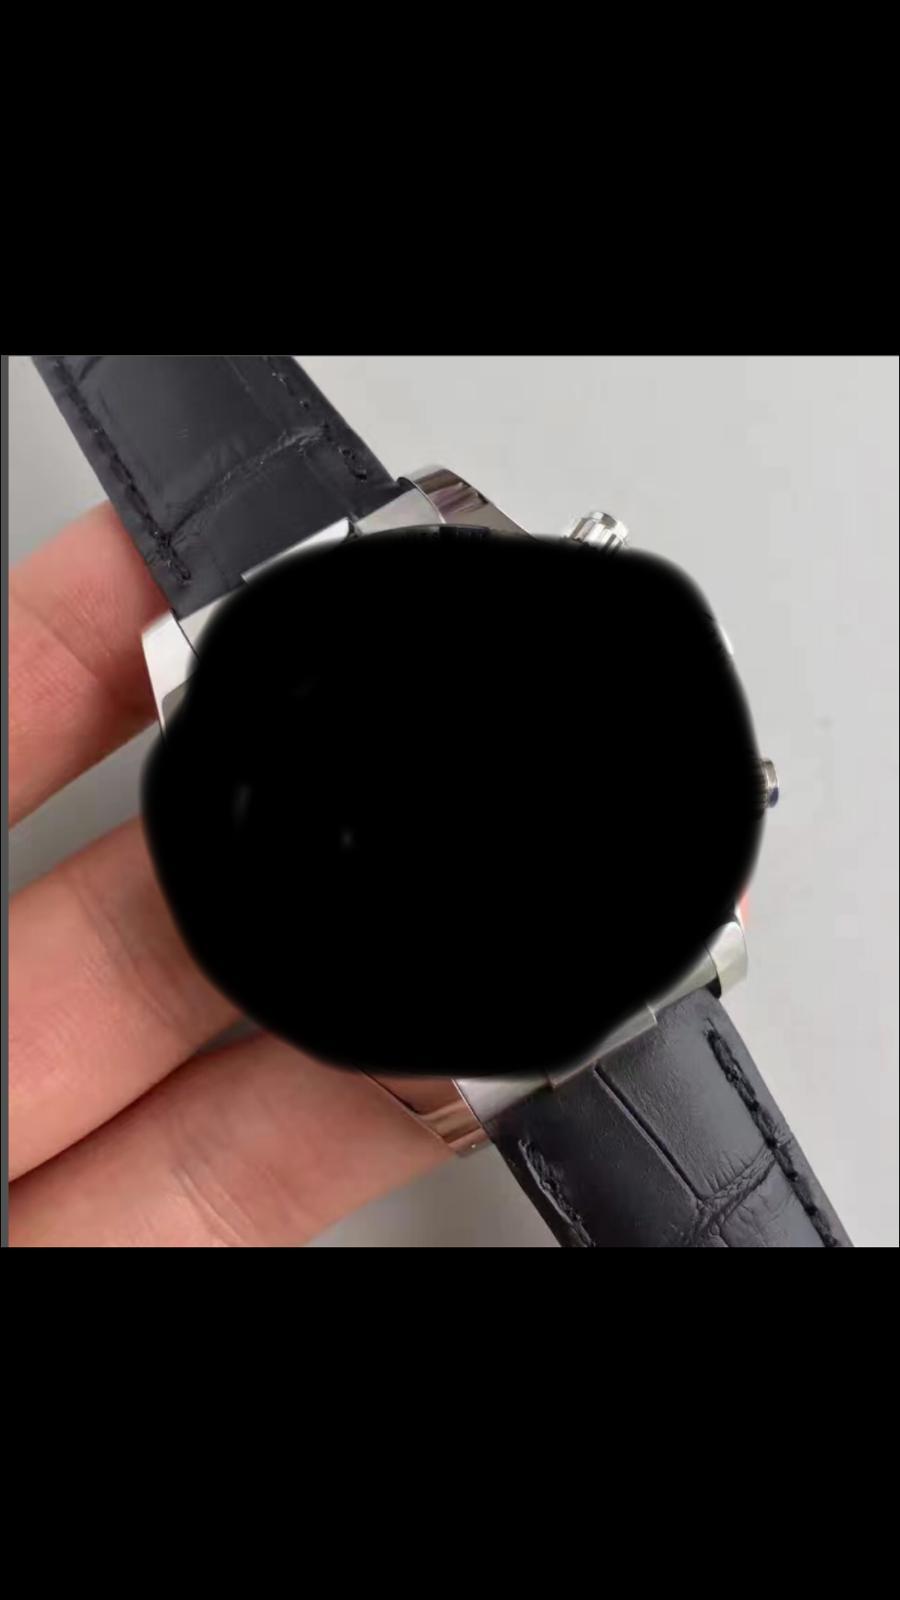 Bracelet en cuir noir avec fermoir bracelet de montre otan 20mm bracelet de montre hommes en argent boucle ardillon bracelet de montreBracelet en cuir noir avec fermoir bracelet de montre otan 20mm bracelet de montre hommes en argent boucle ardillon bracelet de montre